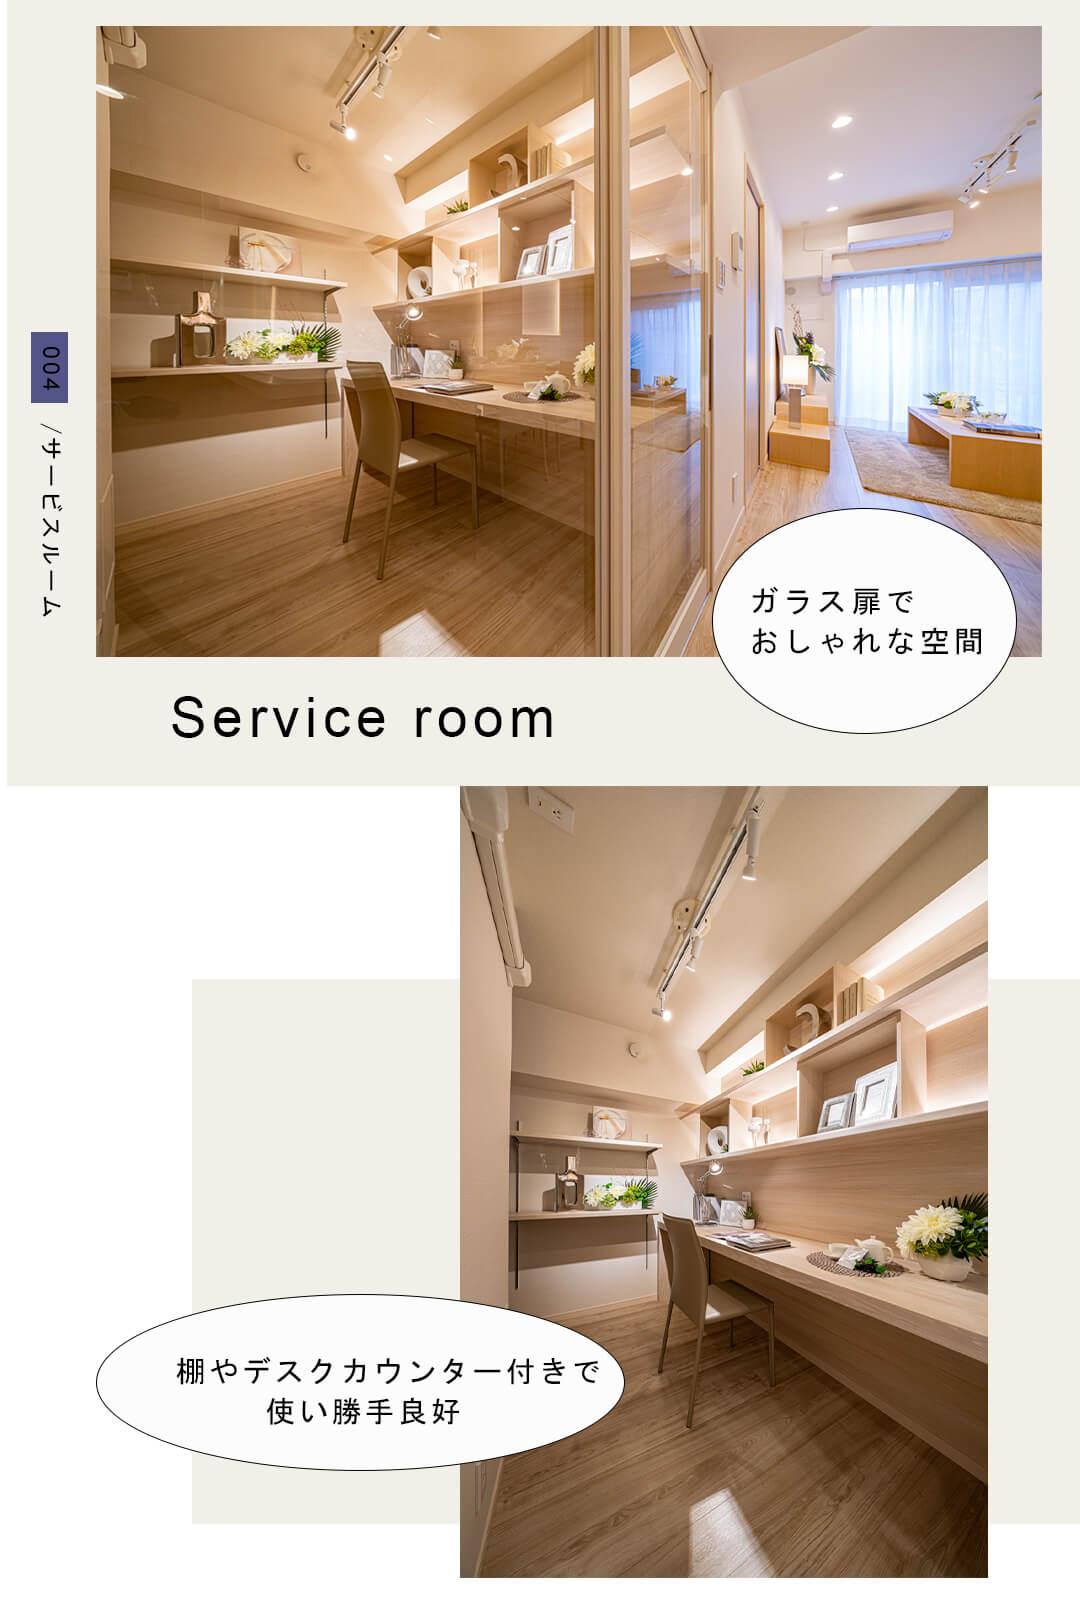 004サービスルーム,Service room